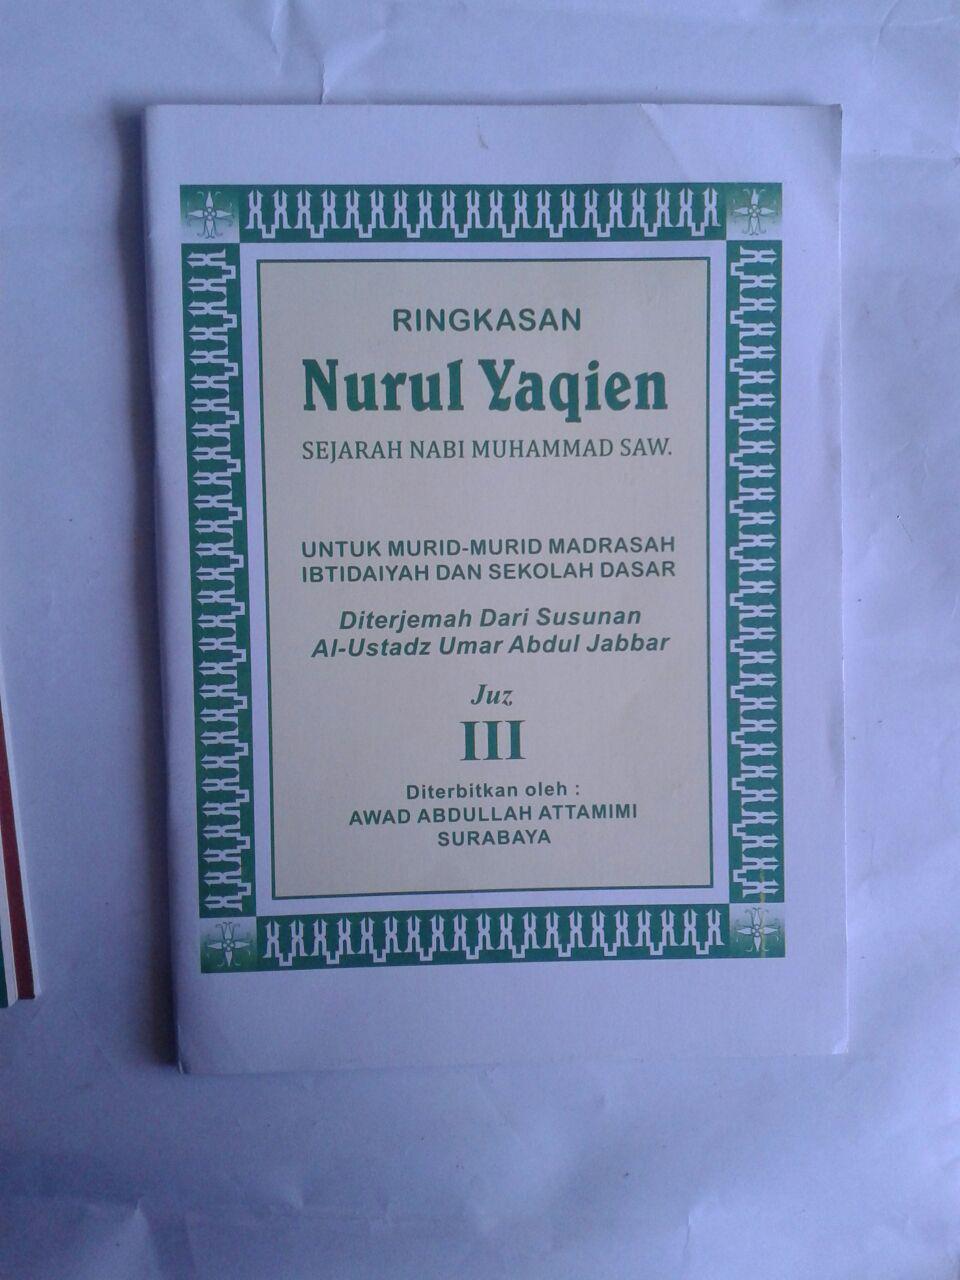 Buku Ringkasan Nurul Yaqien Sejarah Nabi Muhammad Set 3 Jilid cover